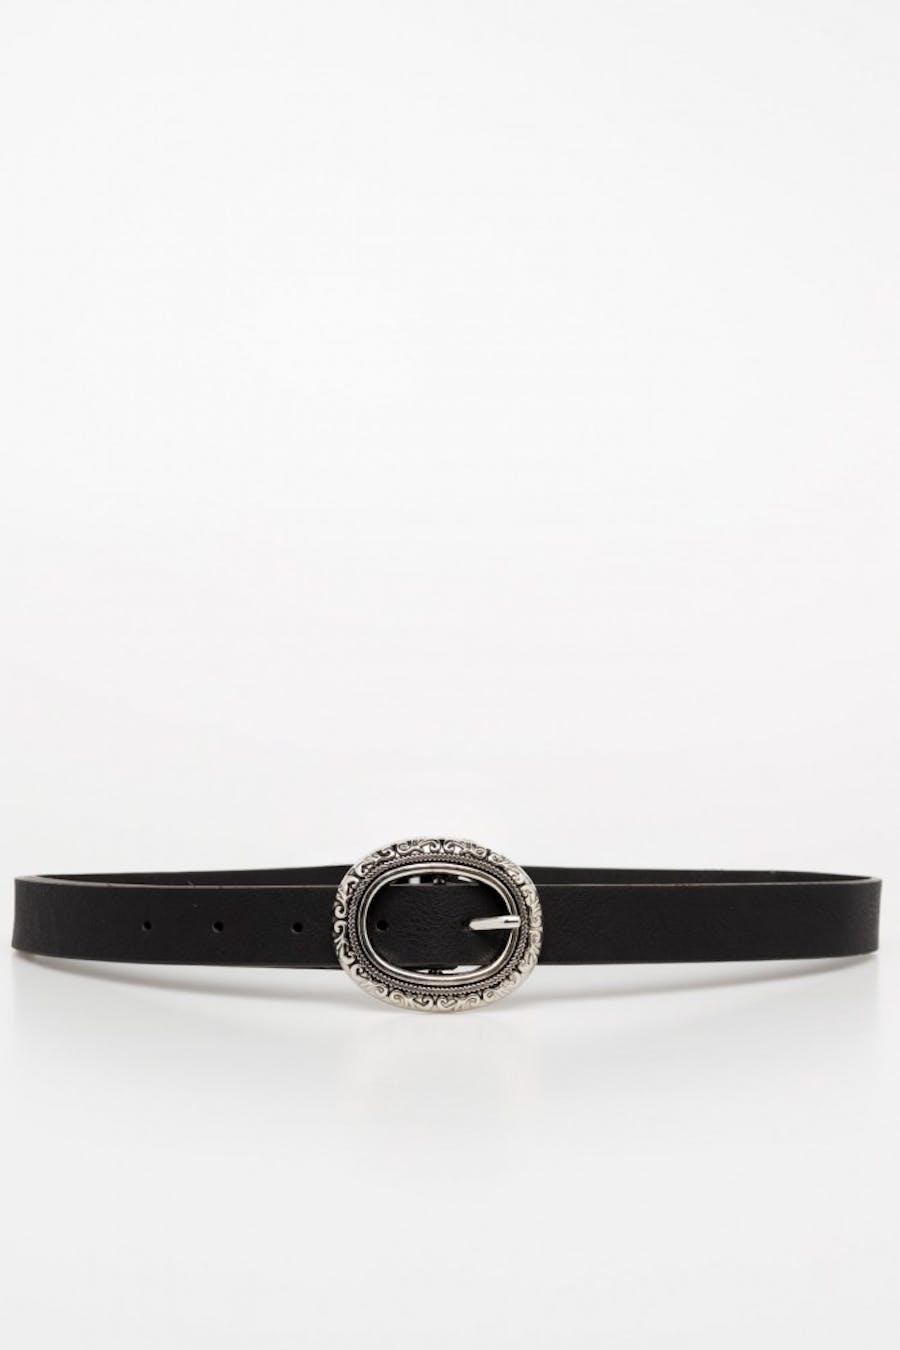 Cinturón negro modelo fino